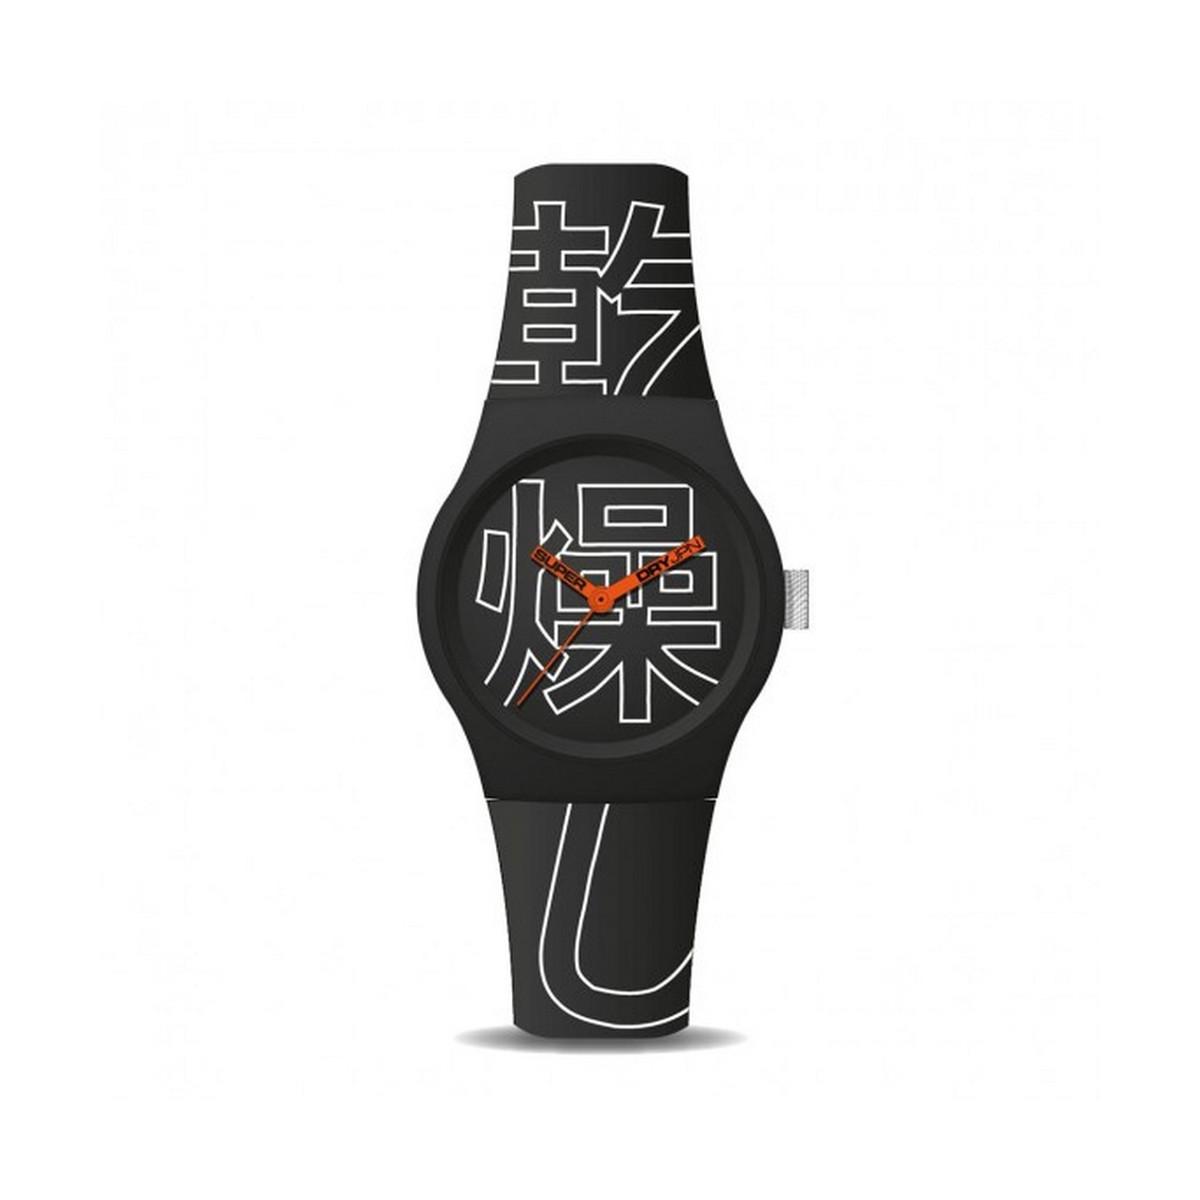 Montre Unisexe Superdry URBAN KANJI Analogique Cadran noir avec motifs  Bracelet en silicone à motifs